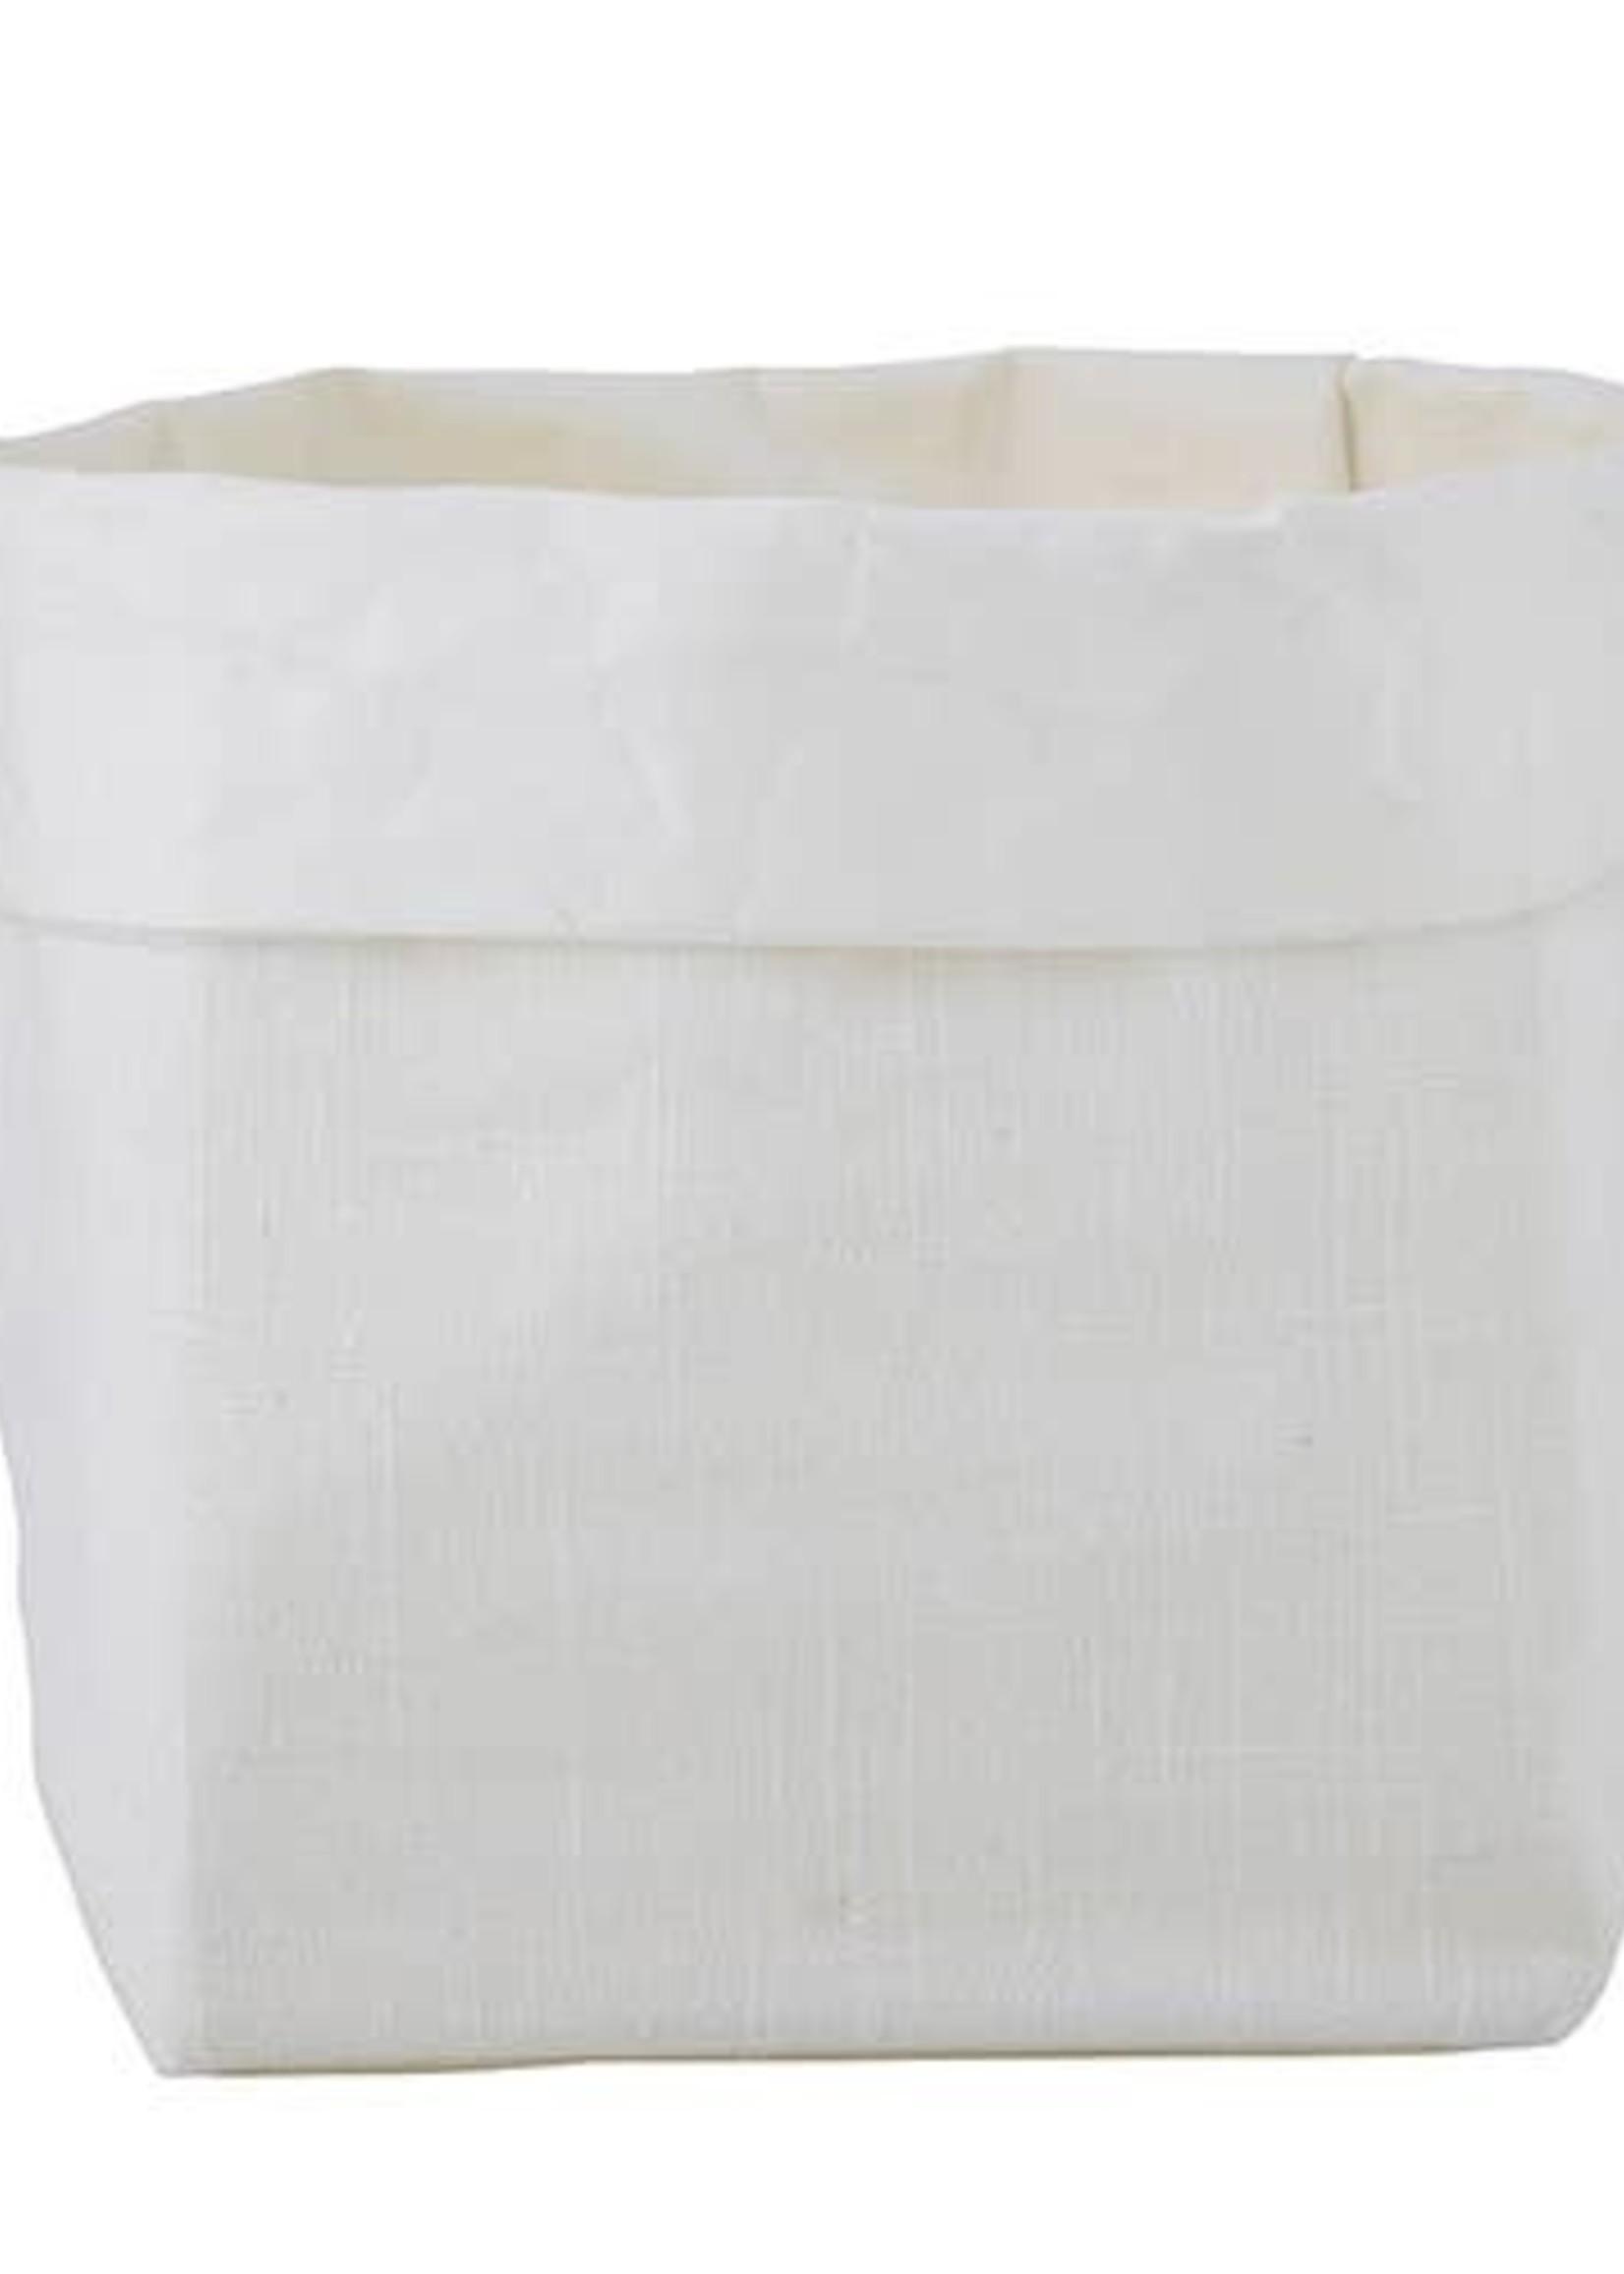 Medium Holder - White Linen